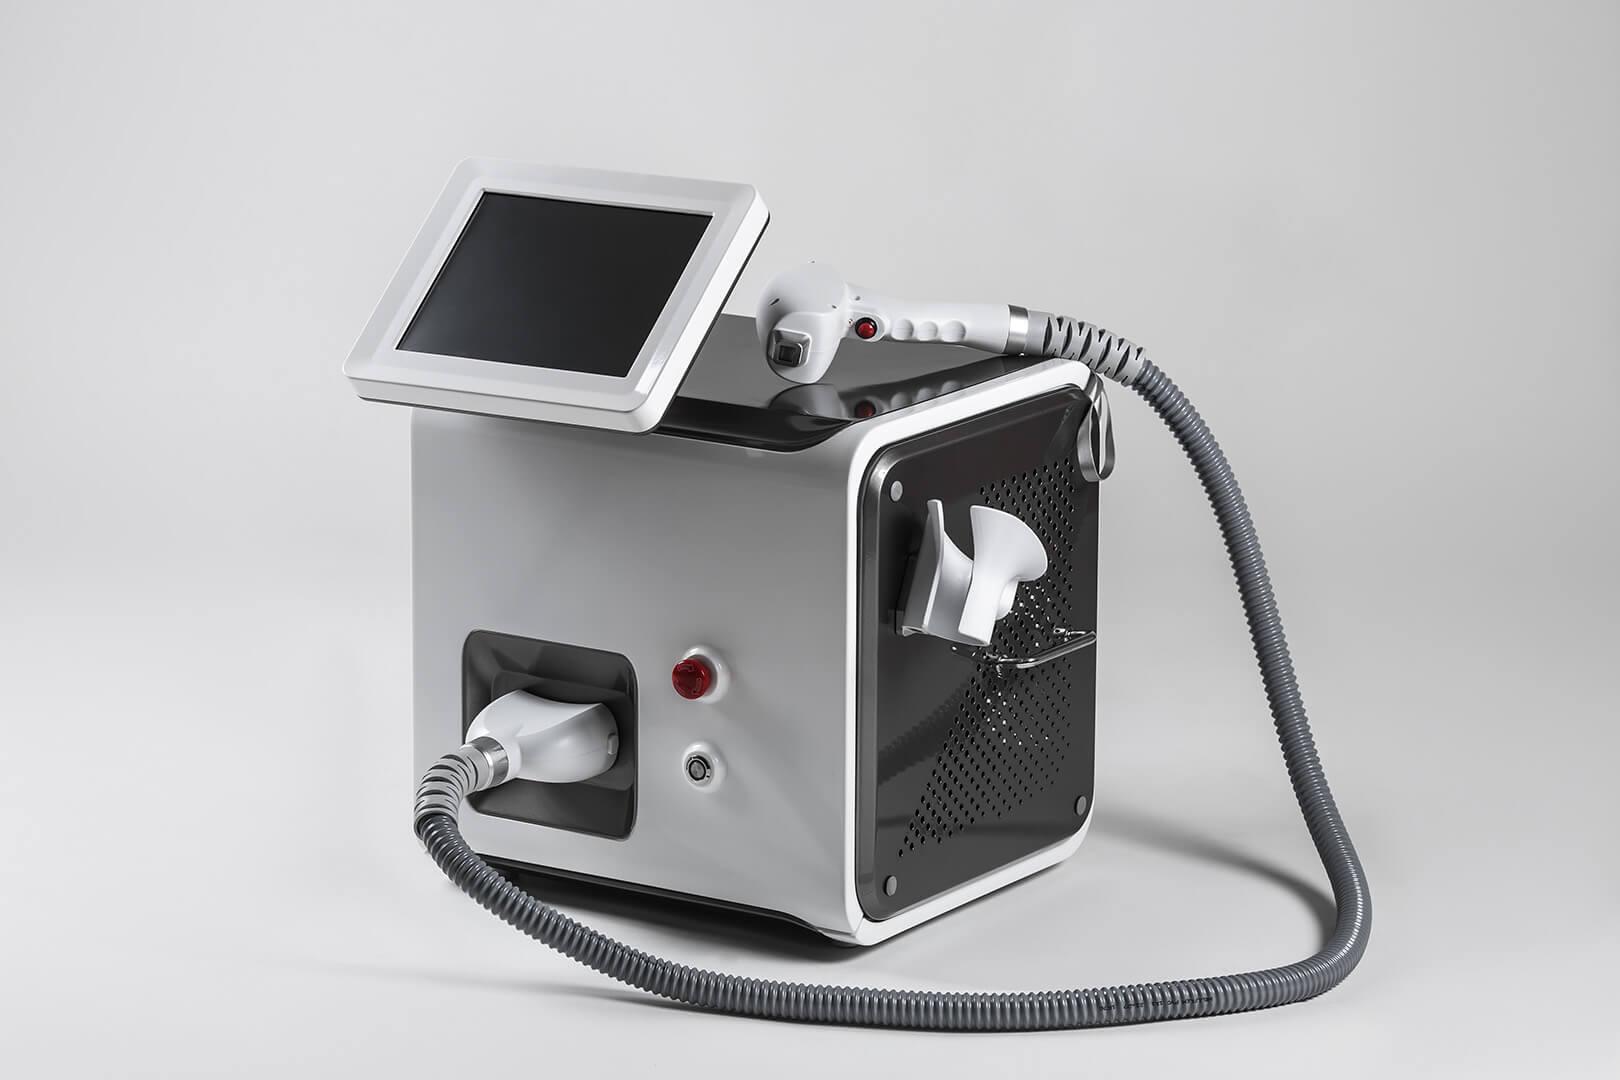 Diodnyiy lazer In Motion D21 - Диодные лазеры с регистрационным удостоверением